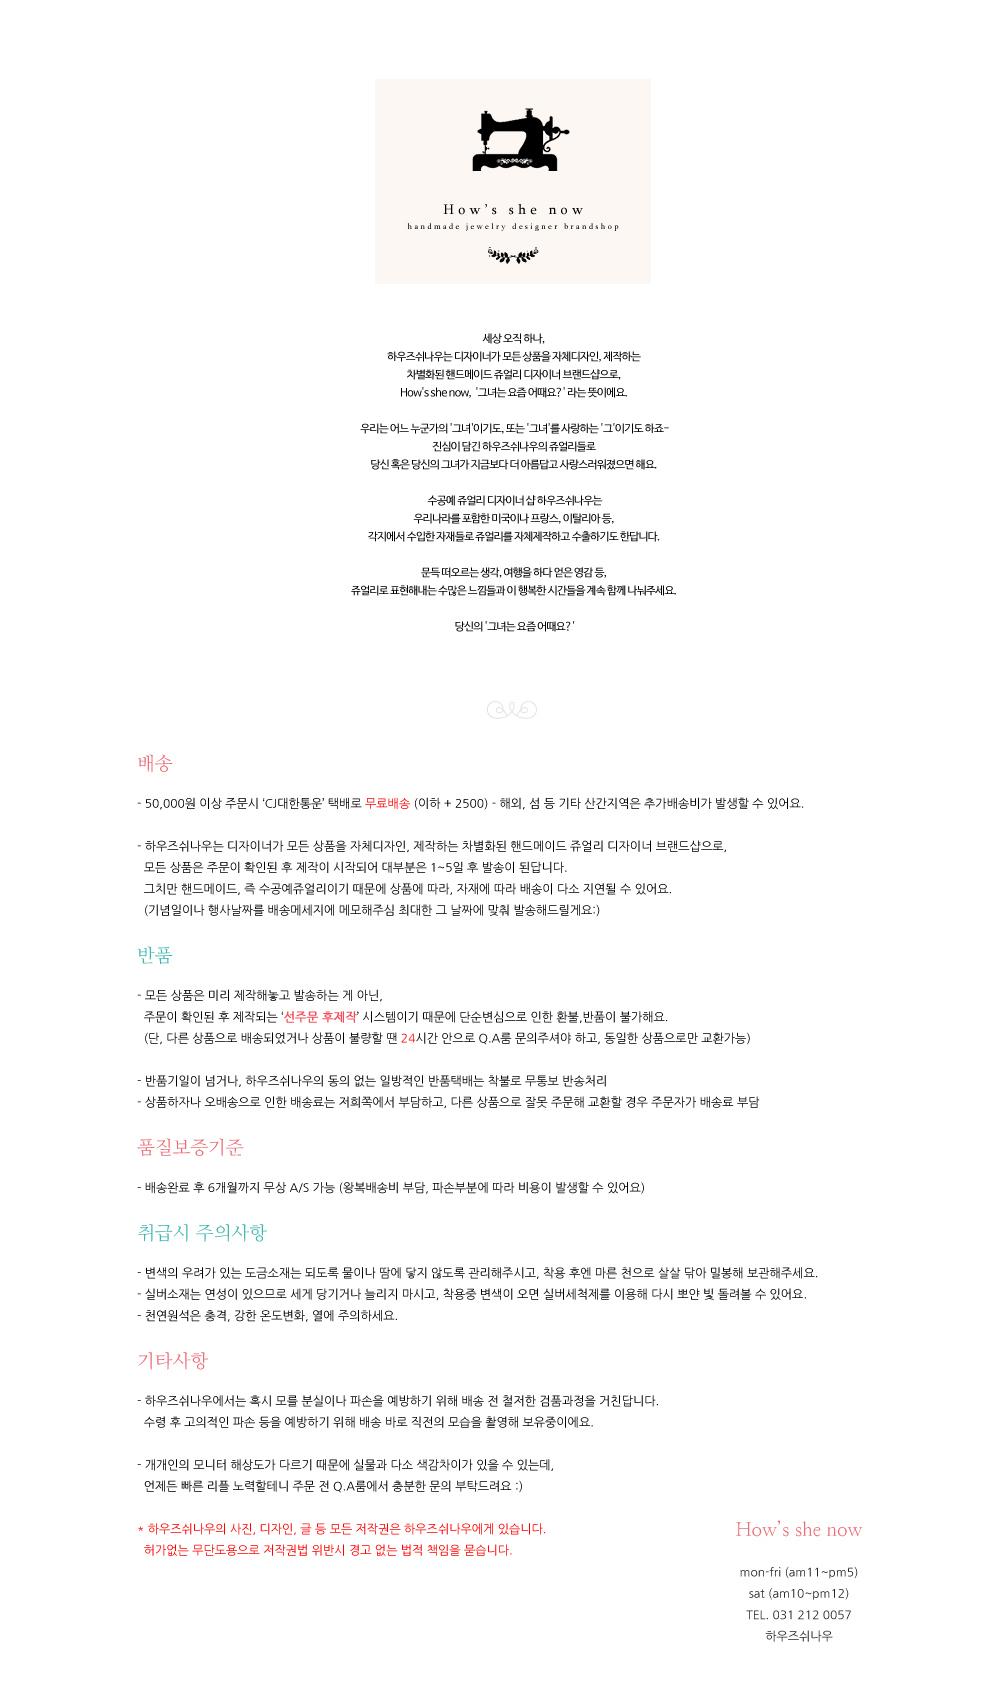 3월의 아쿠아마린- sea of dream bracelet - 하우즈쉬나우, 155,000원, 팔찌, 패션팔찌